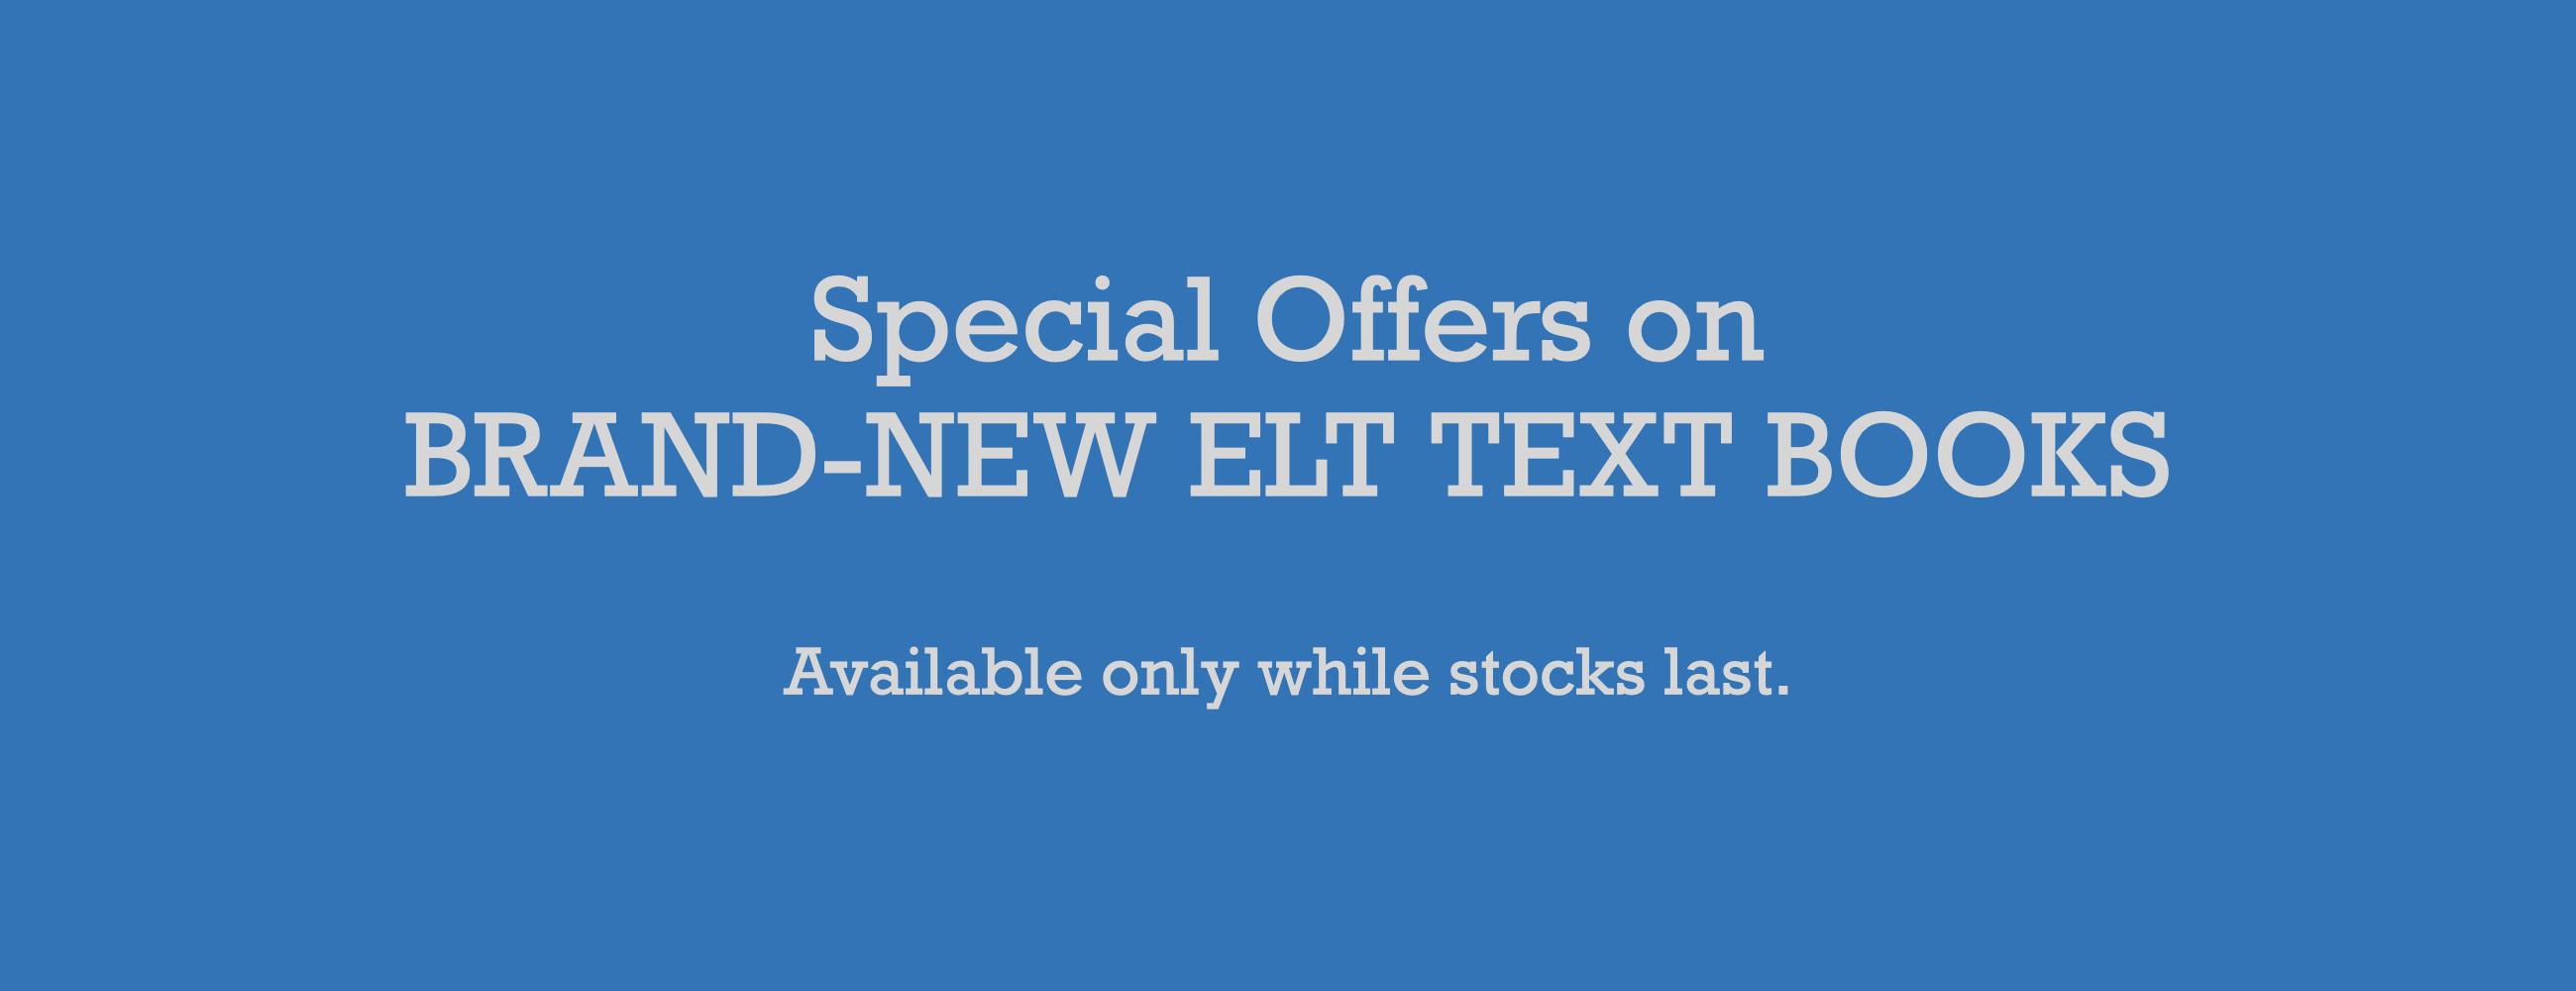 Bargain Bin: Brand-New ELT Text Books | ELTBOOKS.com